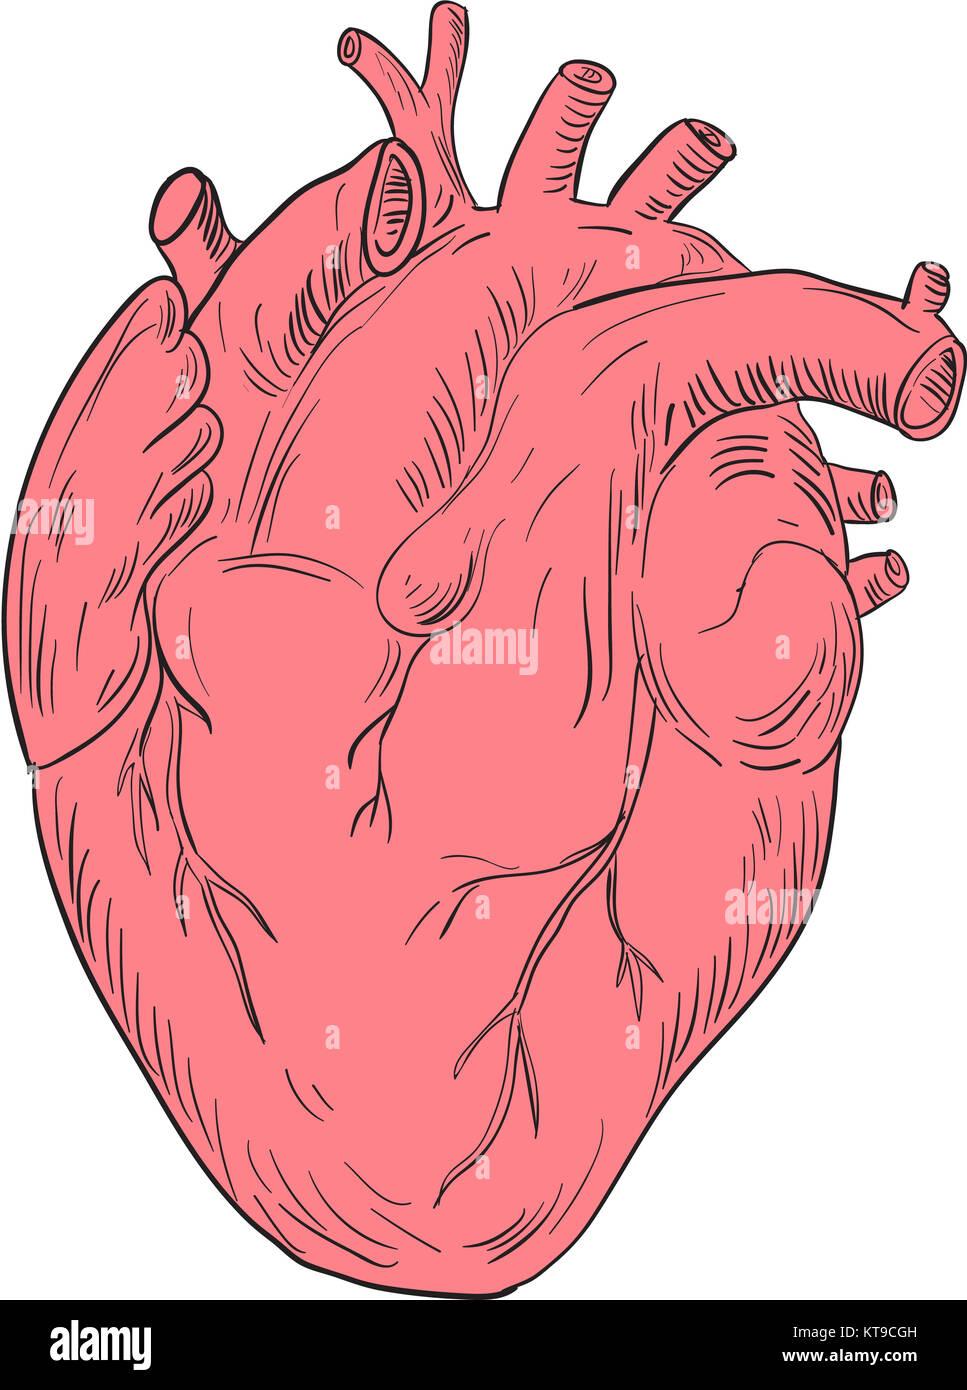 Menschliche Herz Anatomie Zeichnung Stockfoto, Bild: 169852497 - Alamy